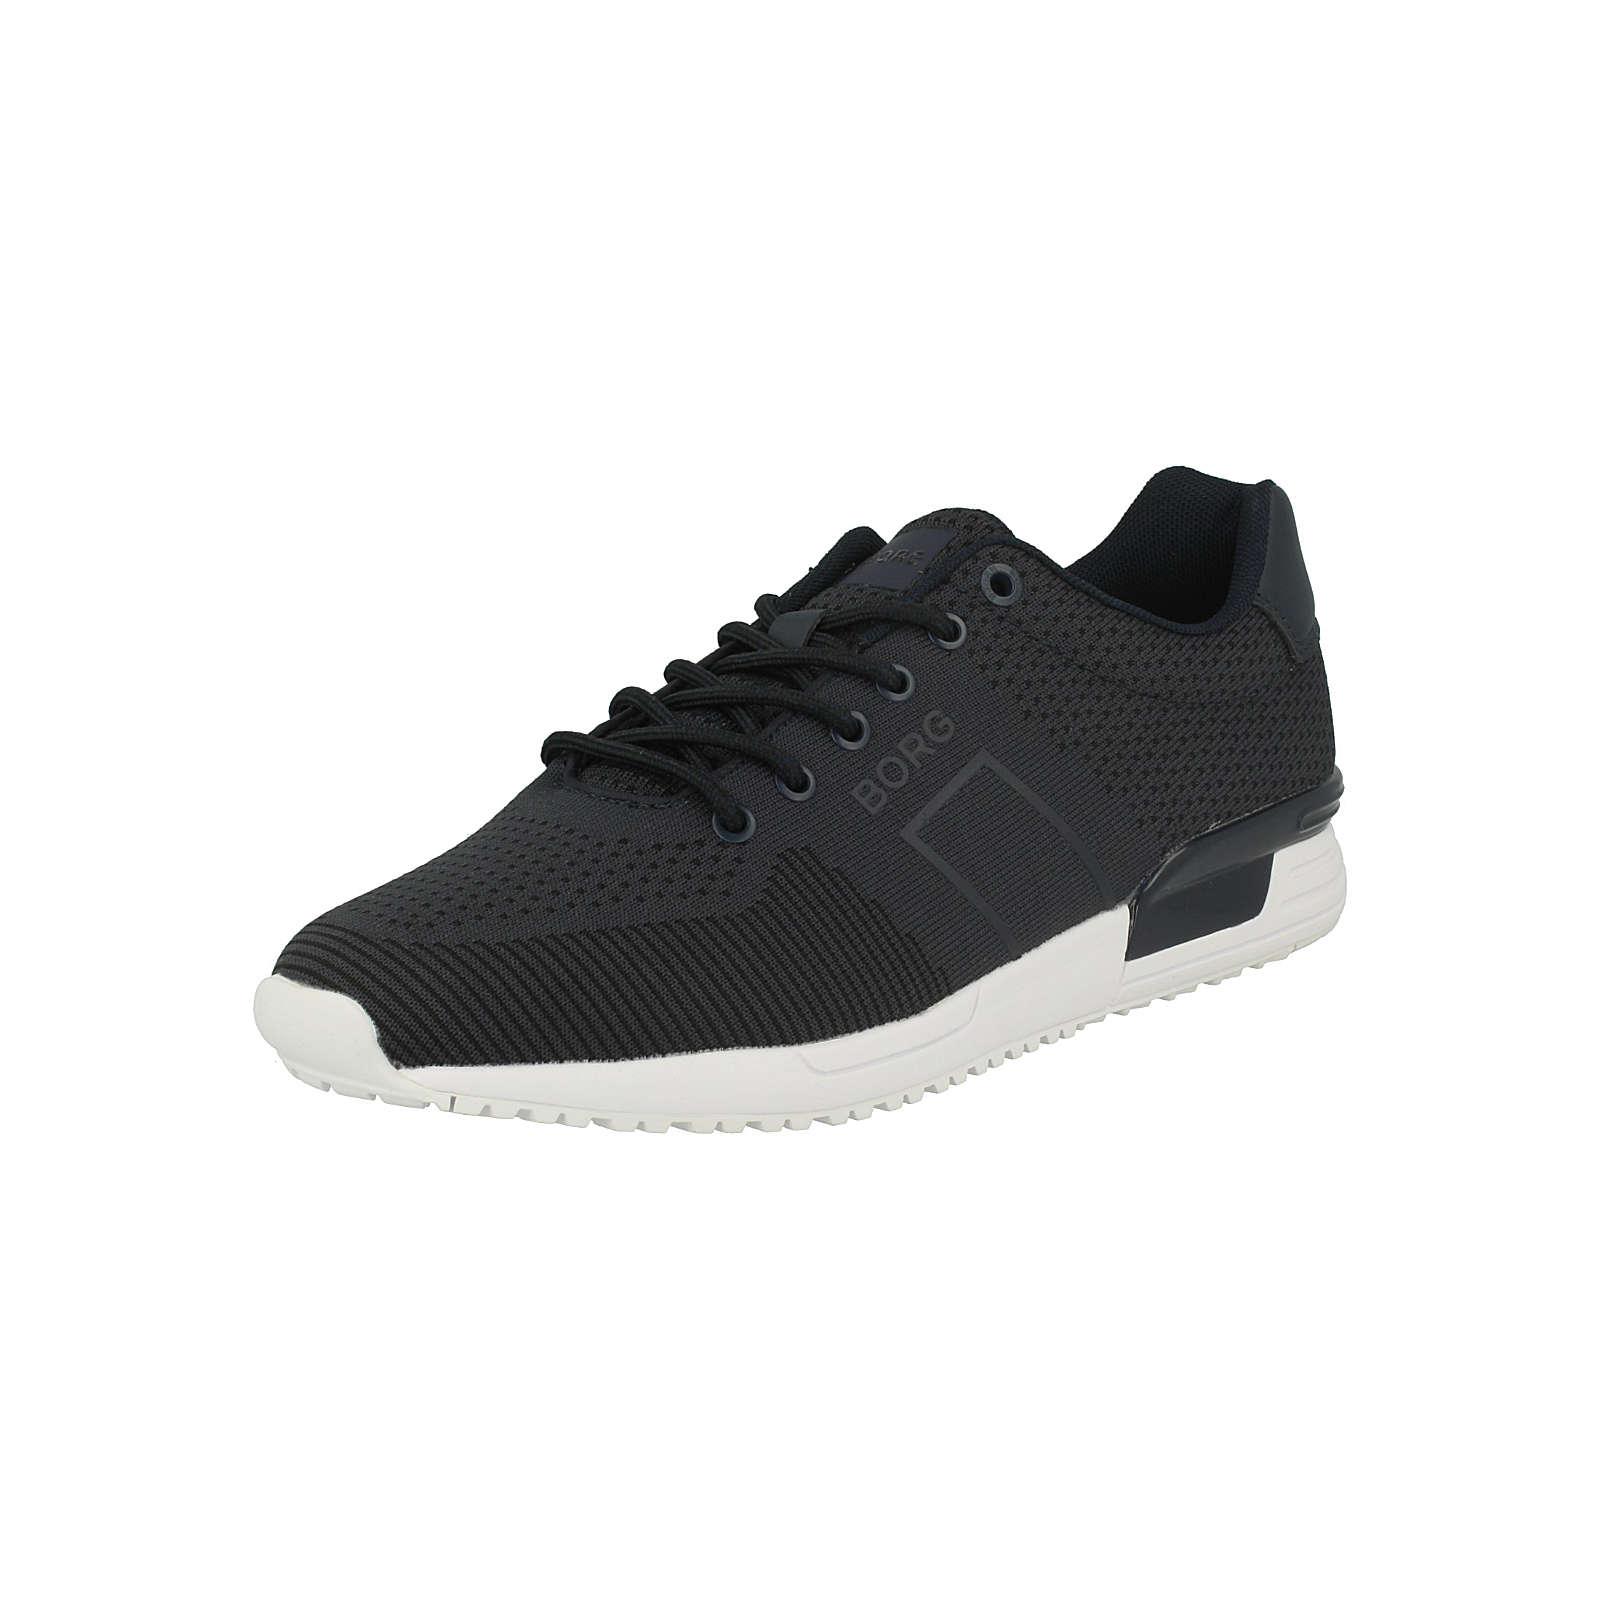 BJÖRN BORG Sneaker R107 LOW KNT Sneakers Low dunkelblau Herren Gr. 40